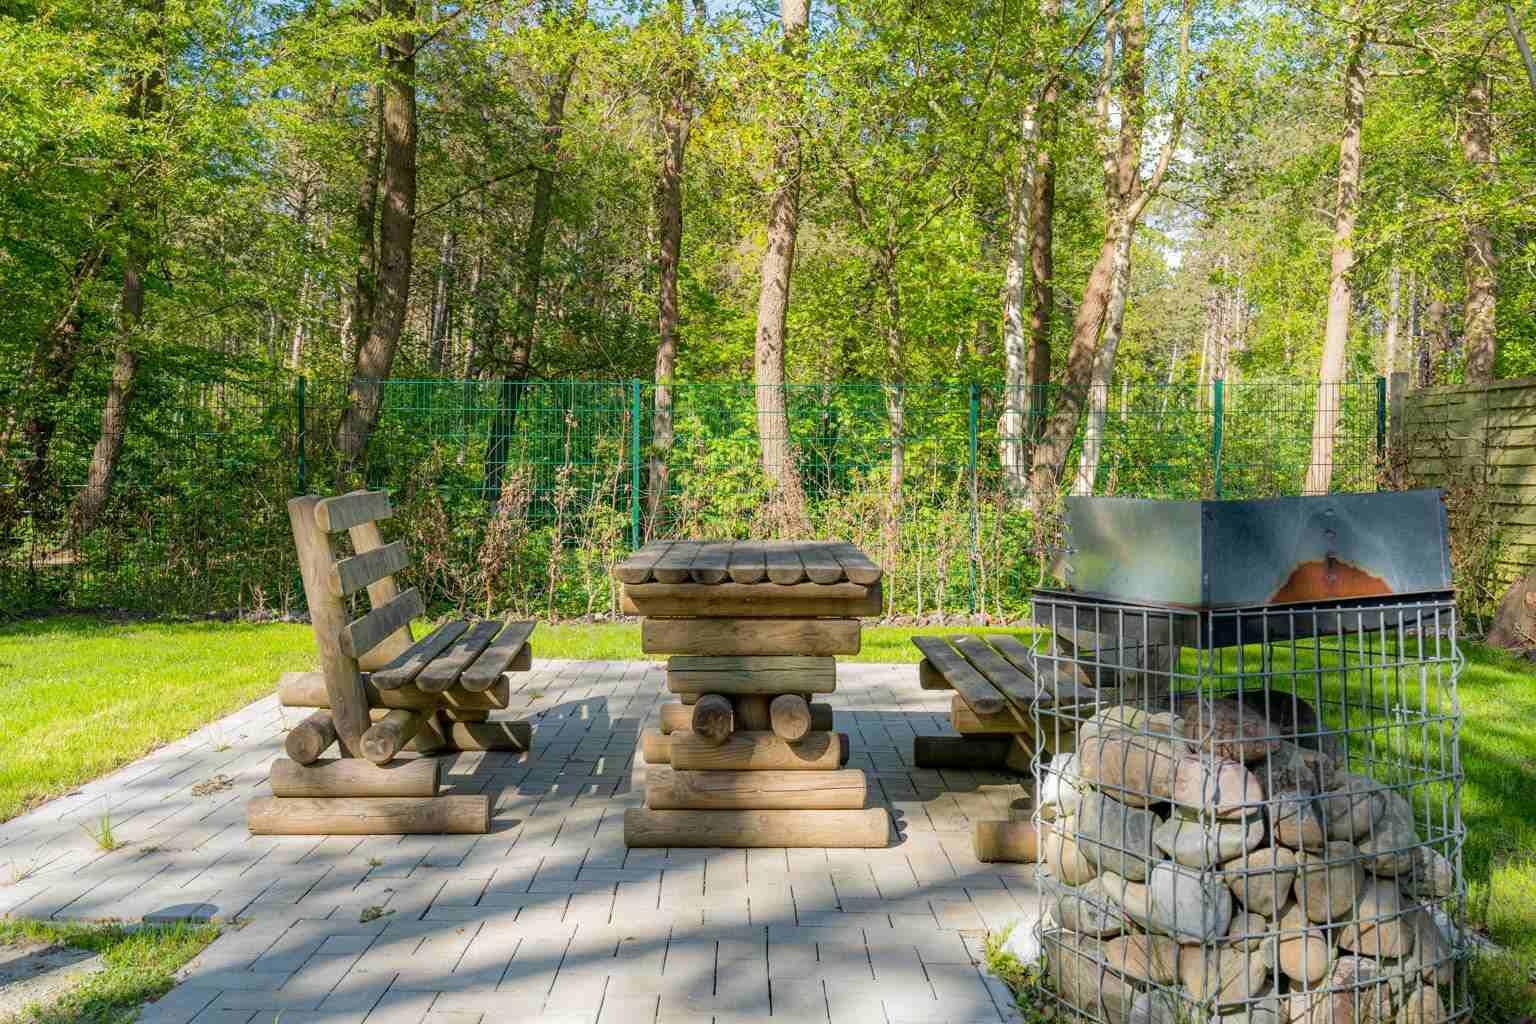 Gemeinschaftlicher Garten mit Grill-Stationen